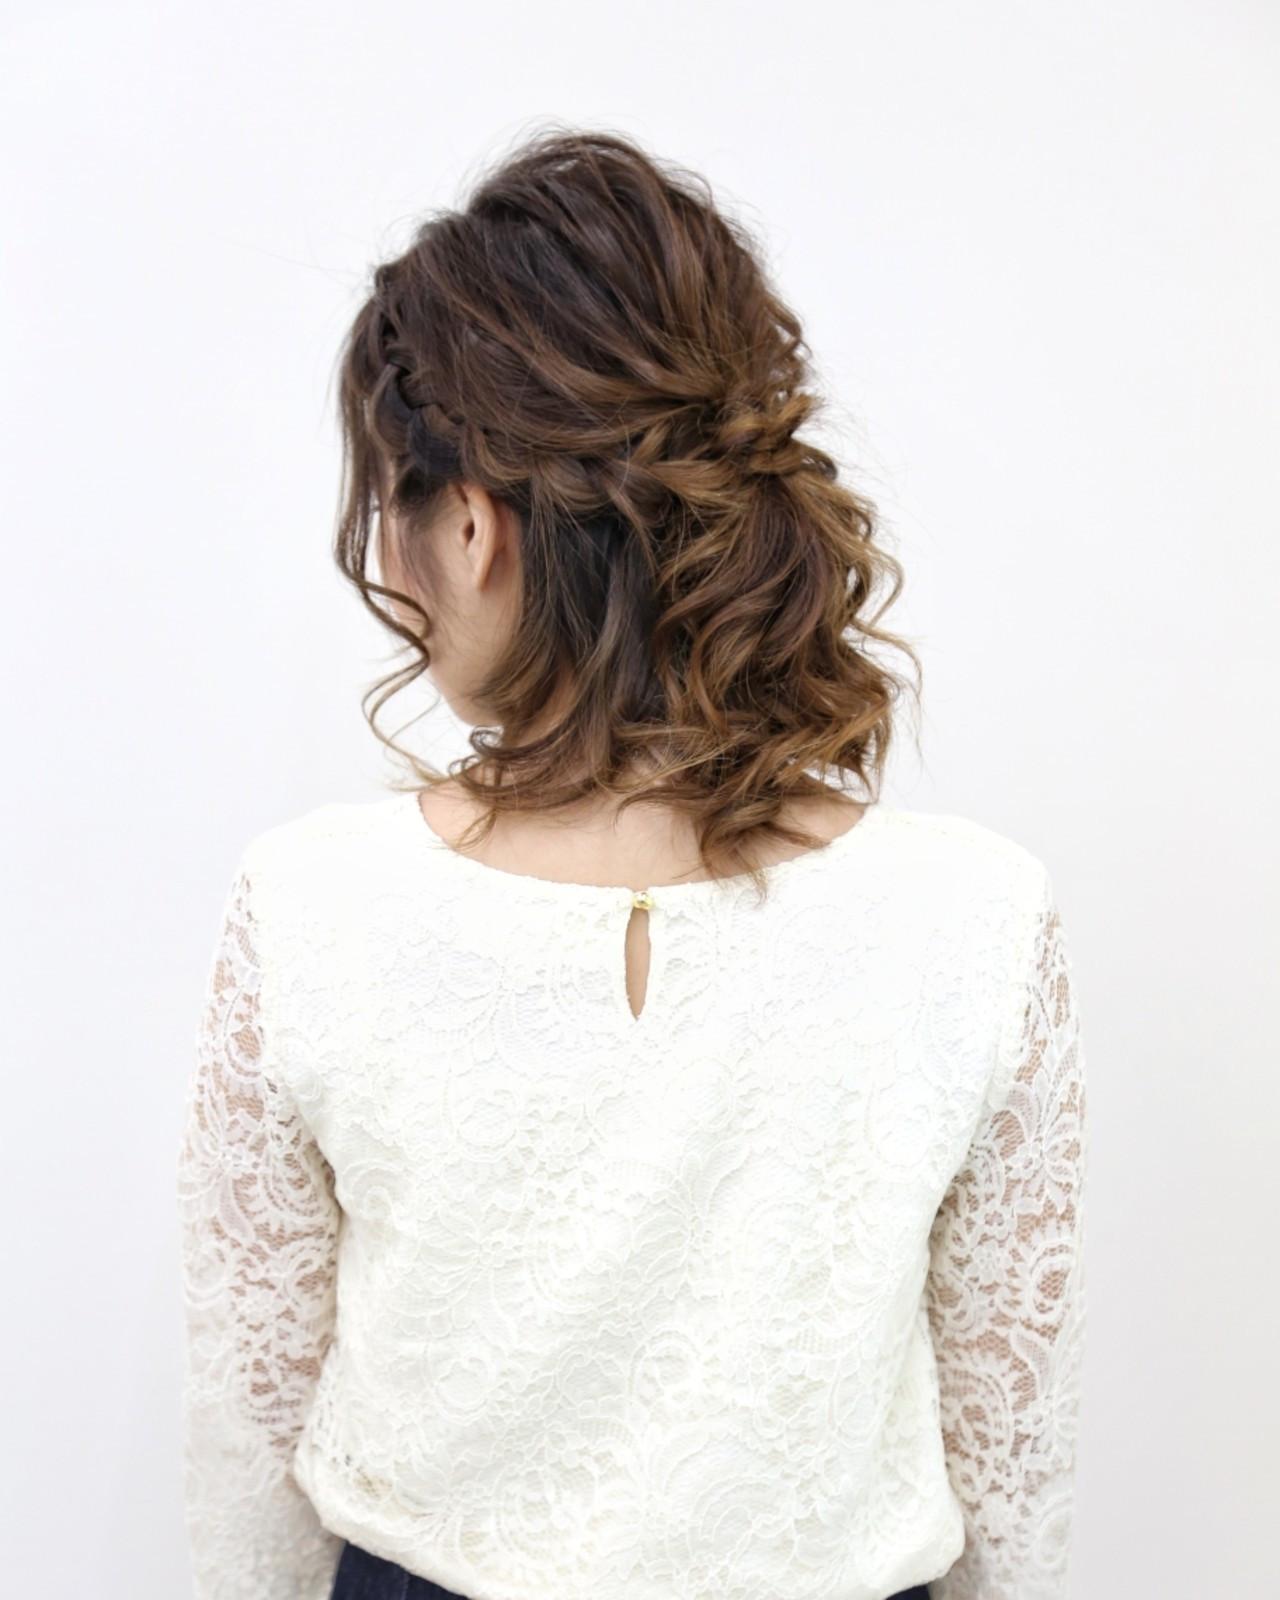 編髮×公主頭,營造華麗風格